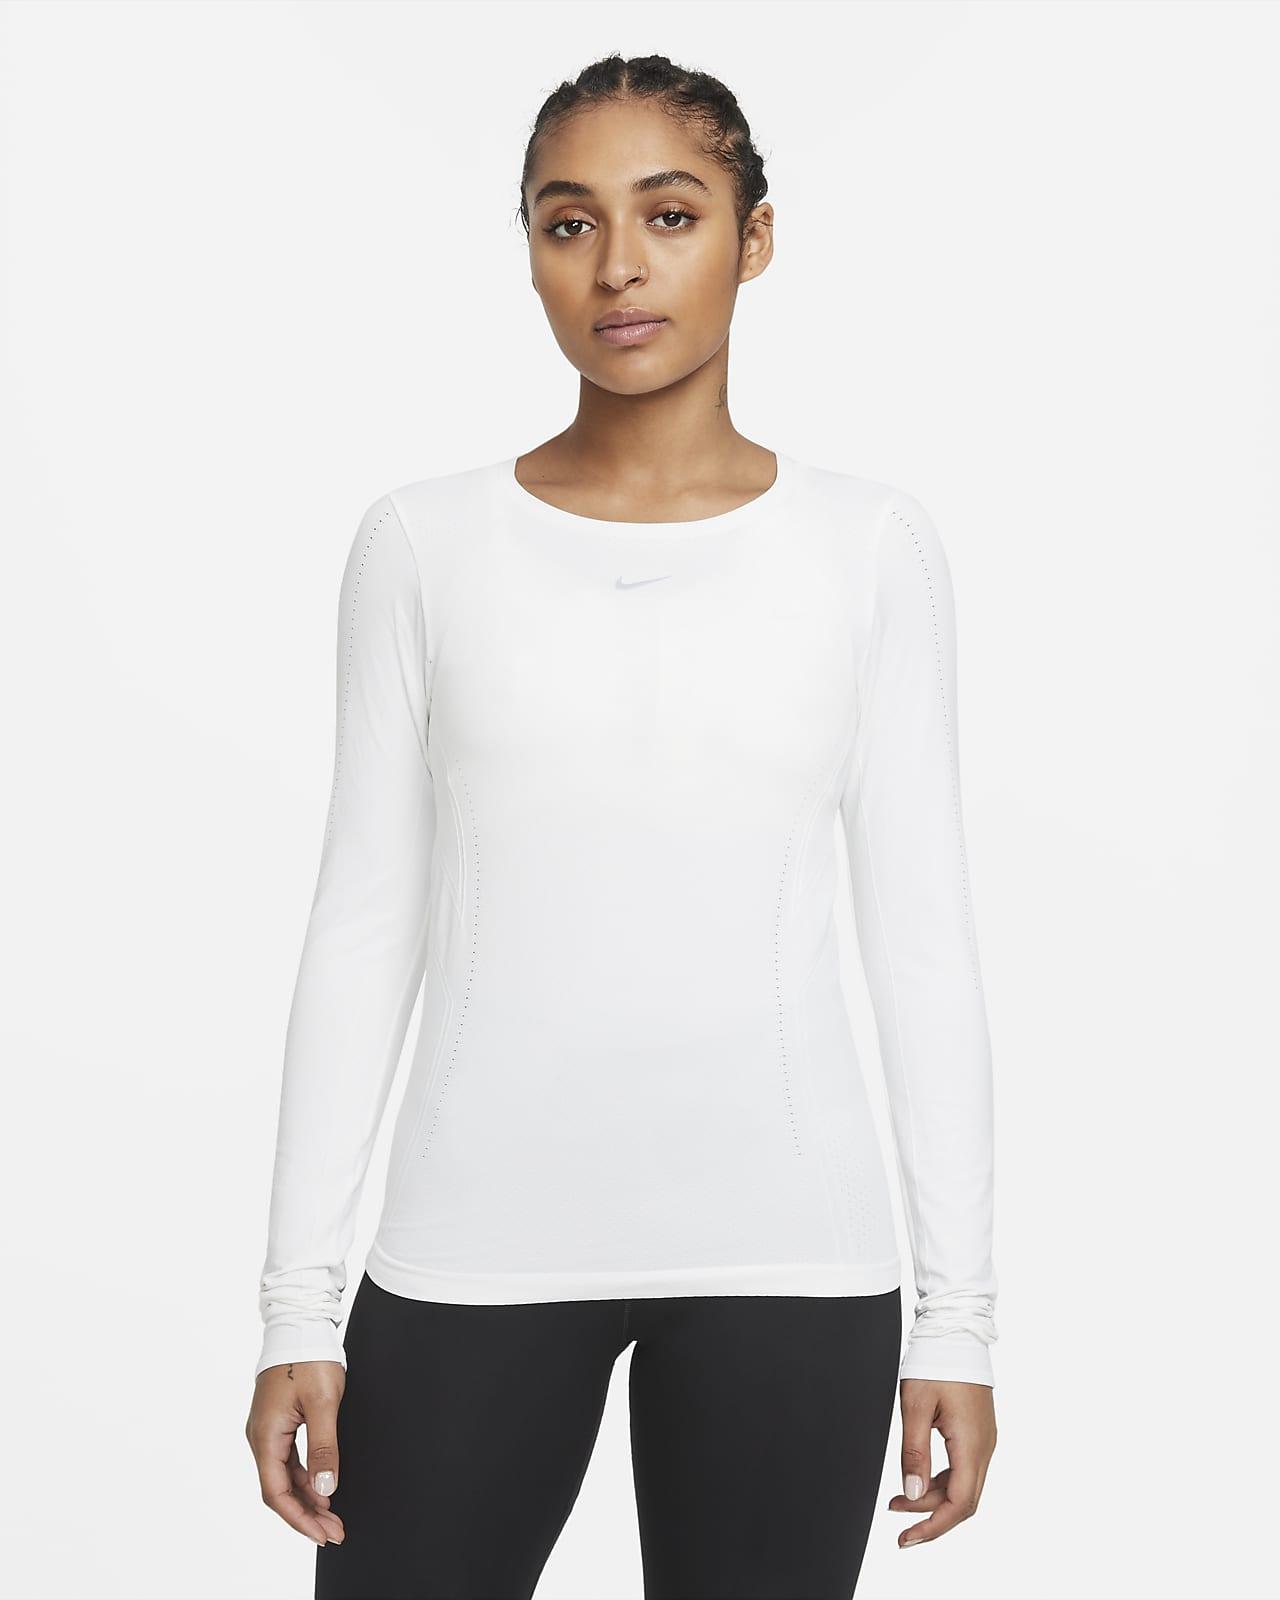 Женская футболка с длинным рукавом и плотной посадкой Nike Dri-FIT ADV Aura